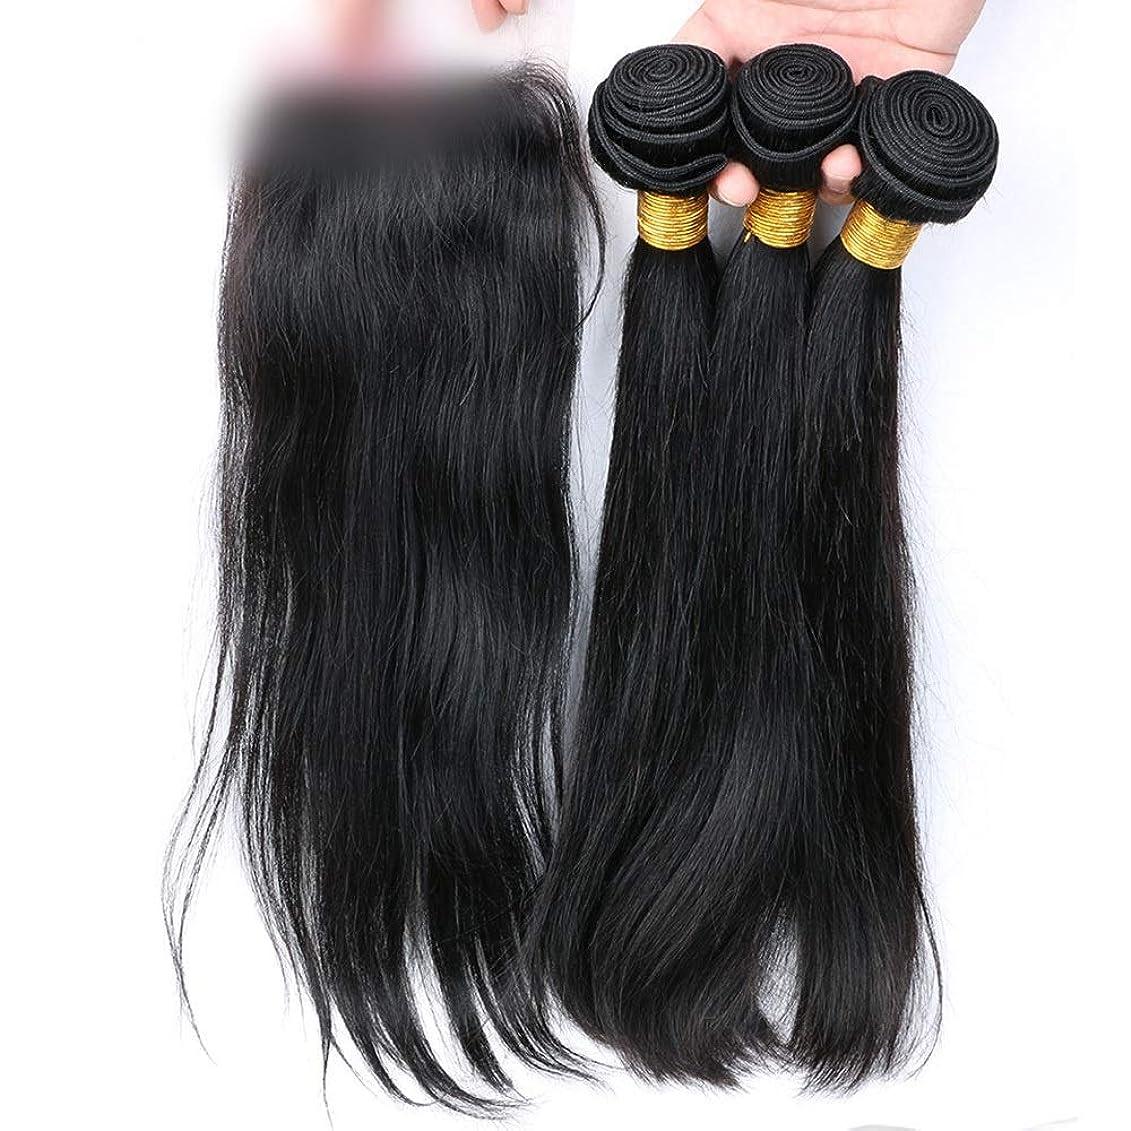 劣る活気づくキャベツHOHYLLYA ブラジルストレートヘア100%本物の人間の髪の毛の拡張子レース前頭閉鎖自然に見える合成髪レースかつらロールプレイングかつら (色 : 黒, サイズ : 14 inch)